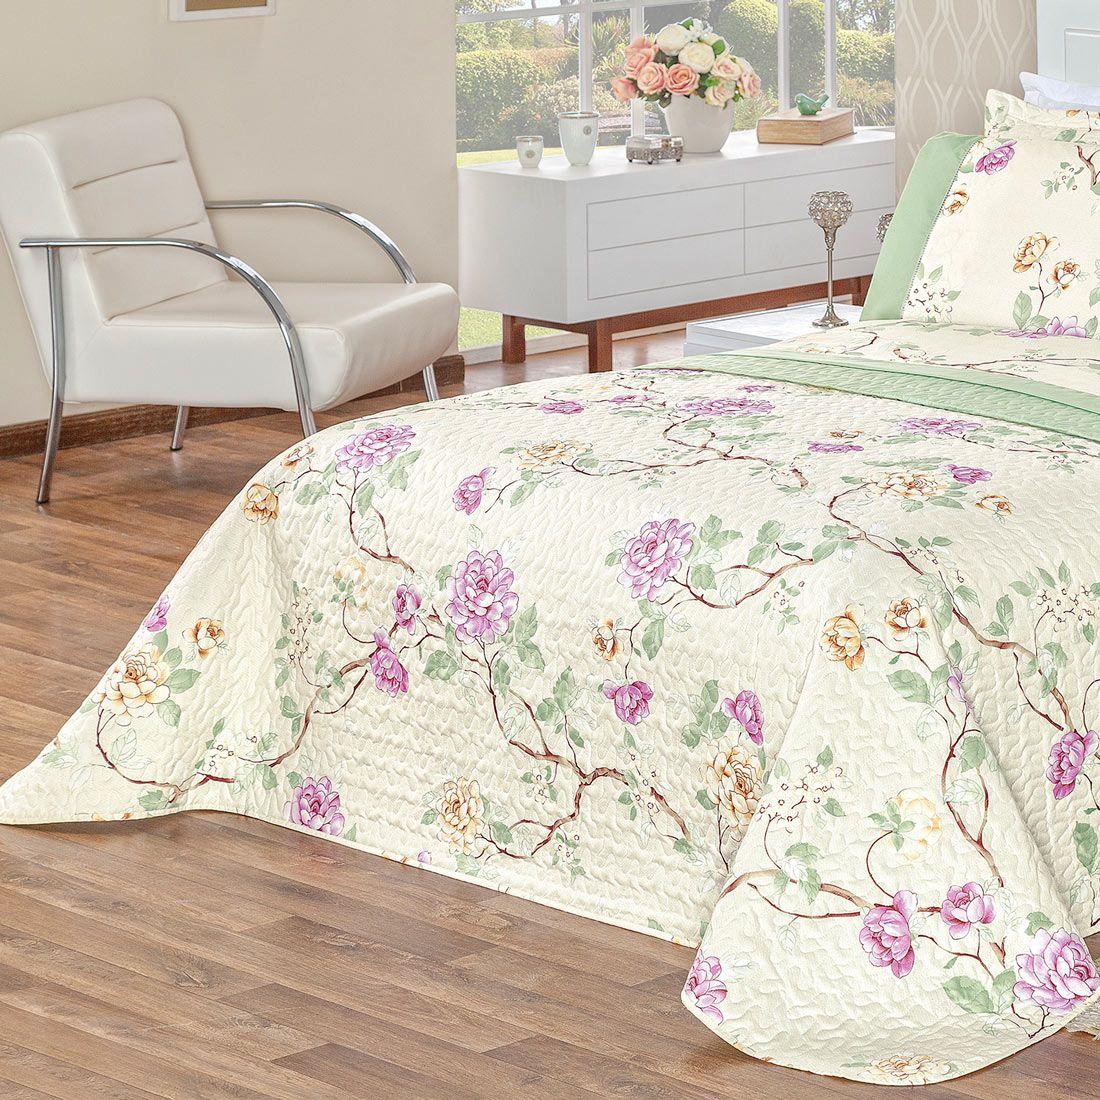 Cobre Leito Naturale Floral Verde Casal Dupla Face MicroPercal 200 Fios 03 peças